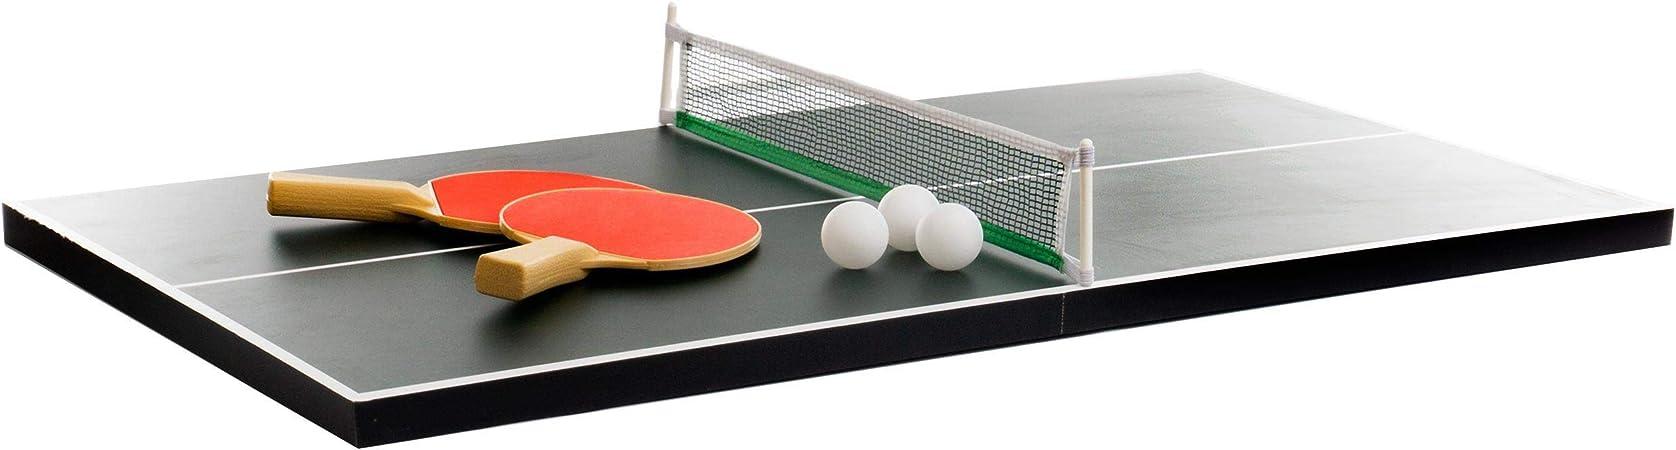 Mesa de juego 9 en 1 multifunción/Multi Game mesa/mesa de juegos ...